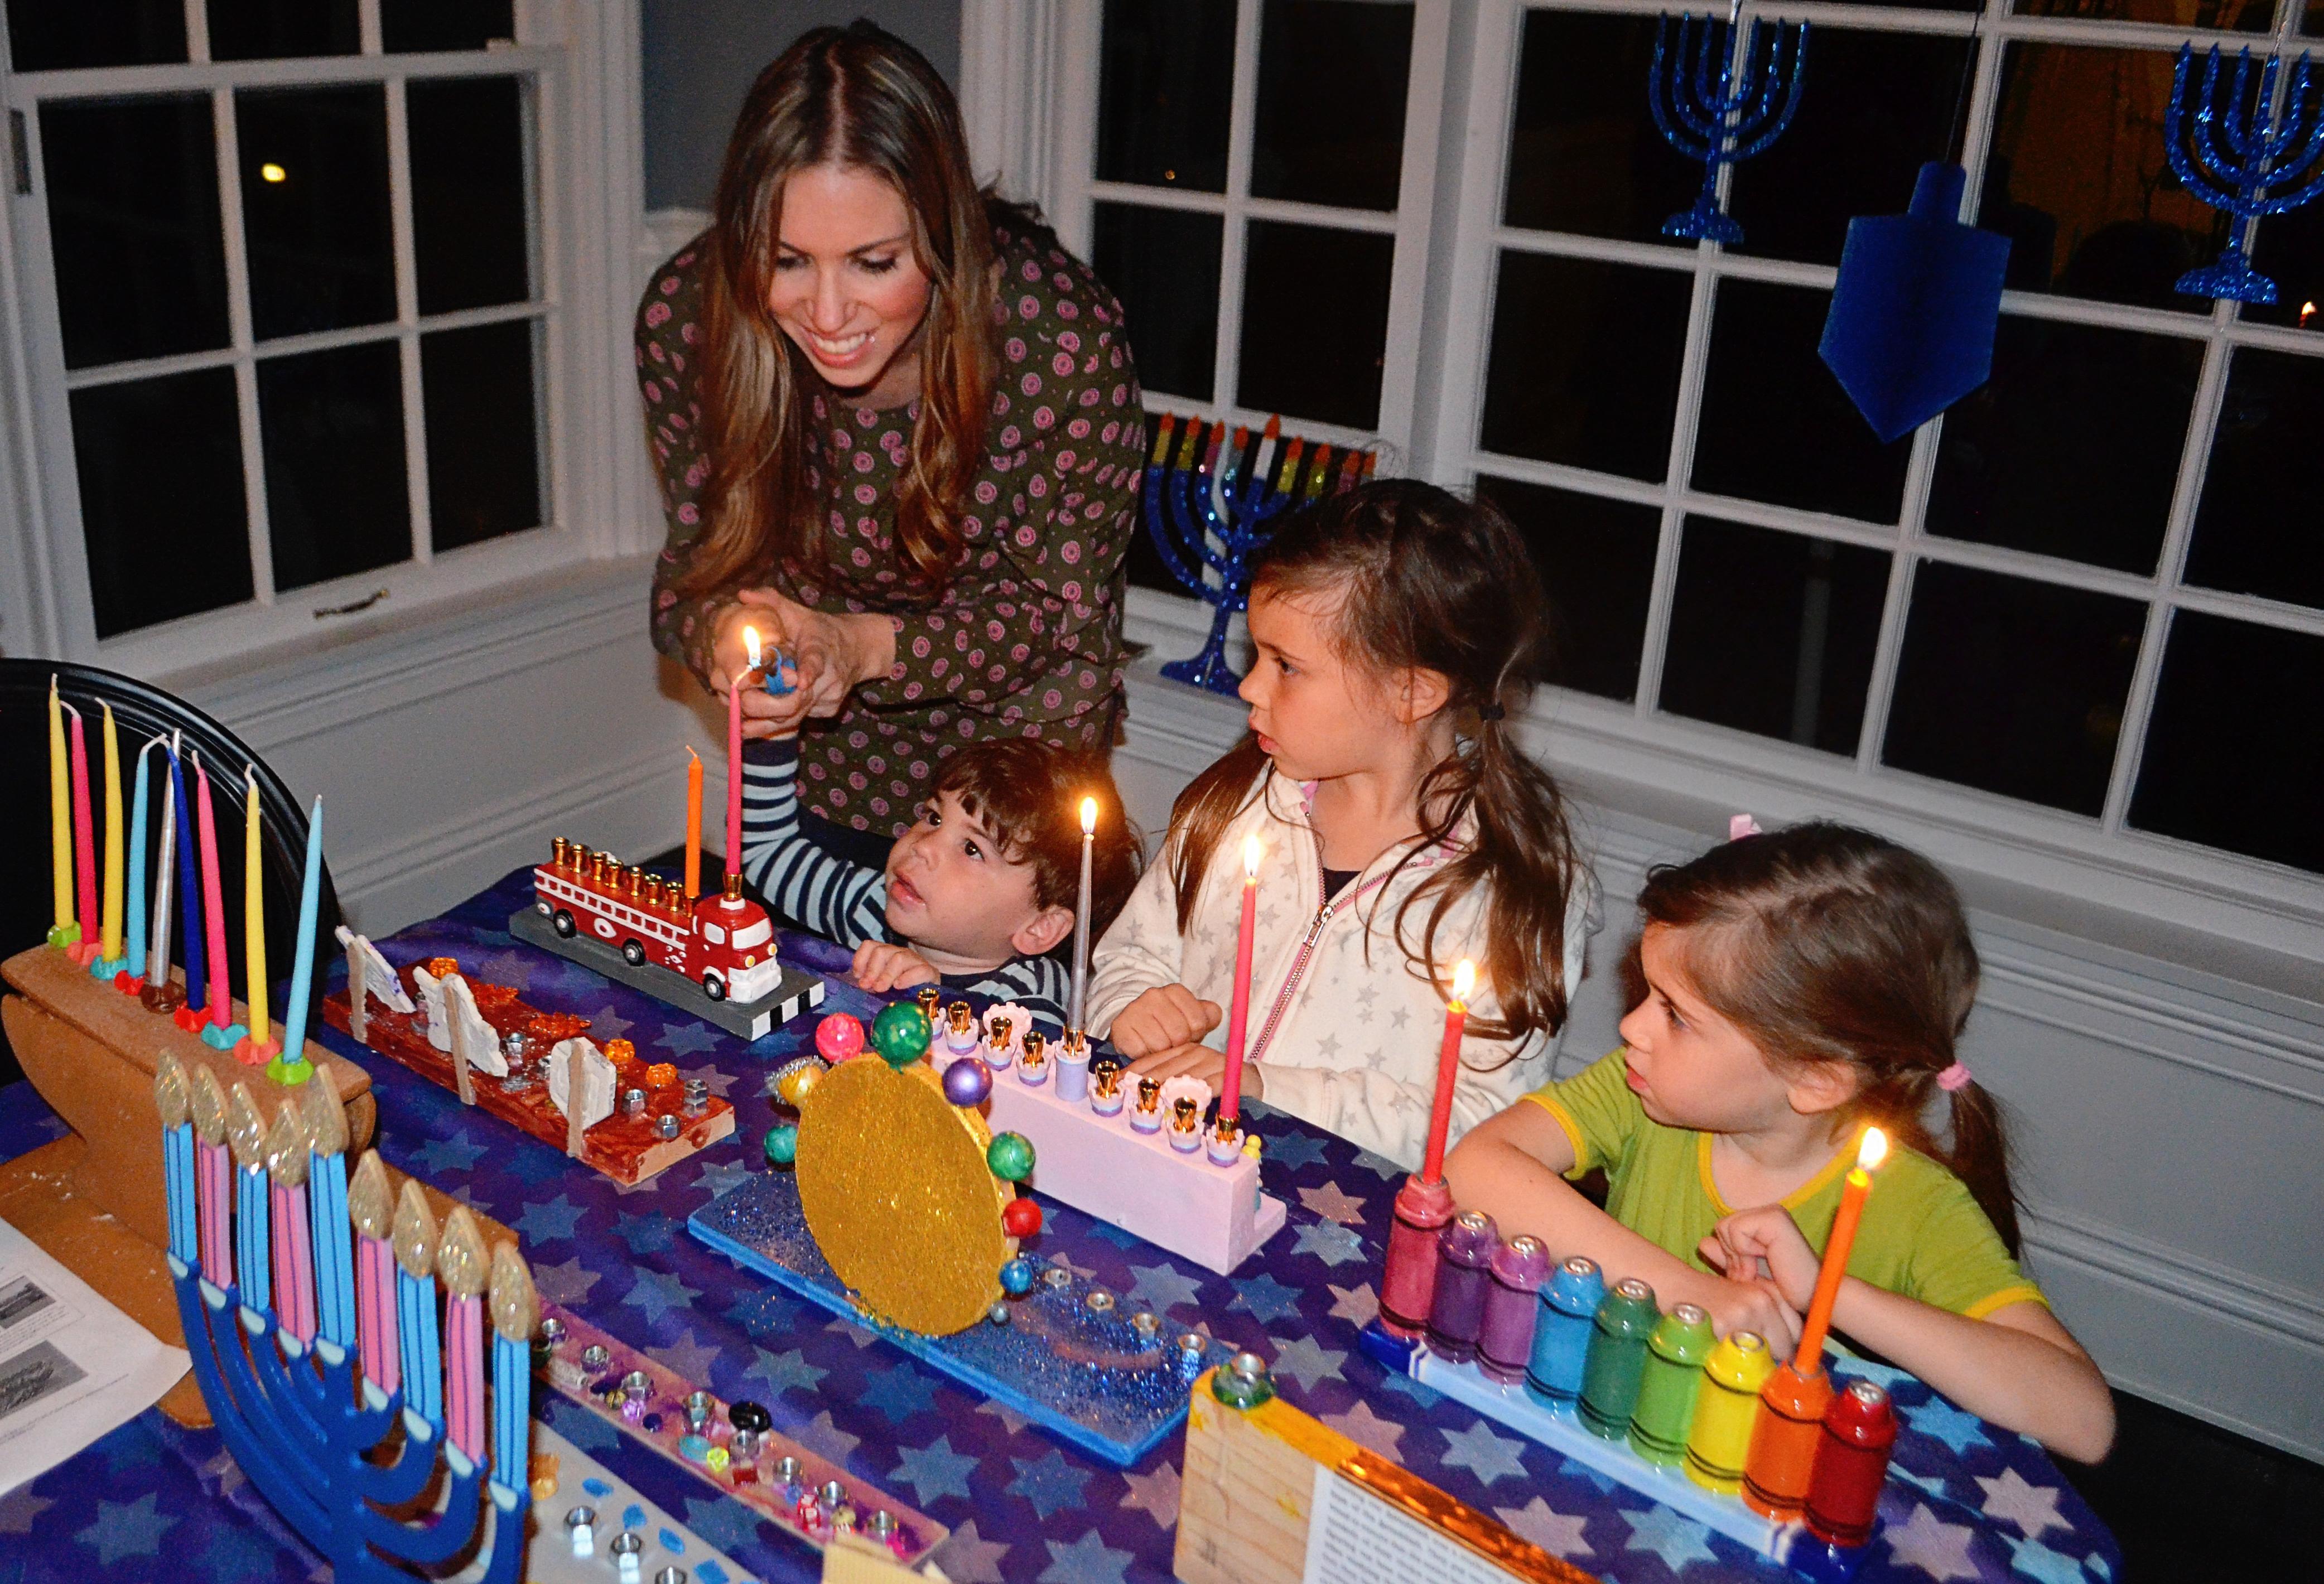 Make Hanukkah Festive For 8 Nights